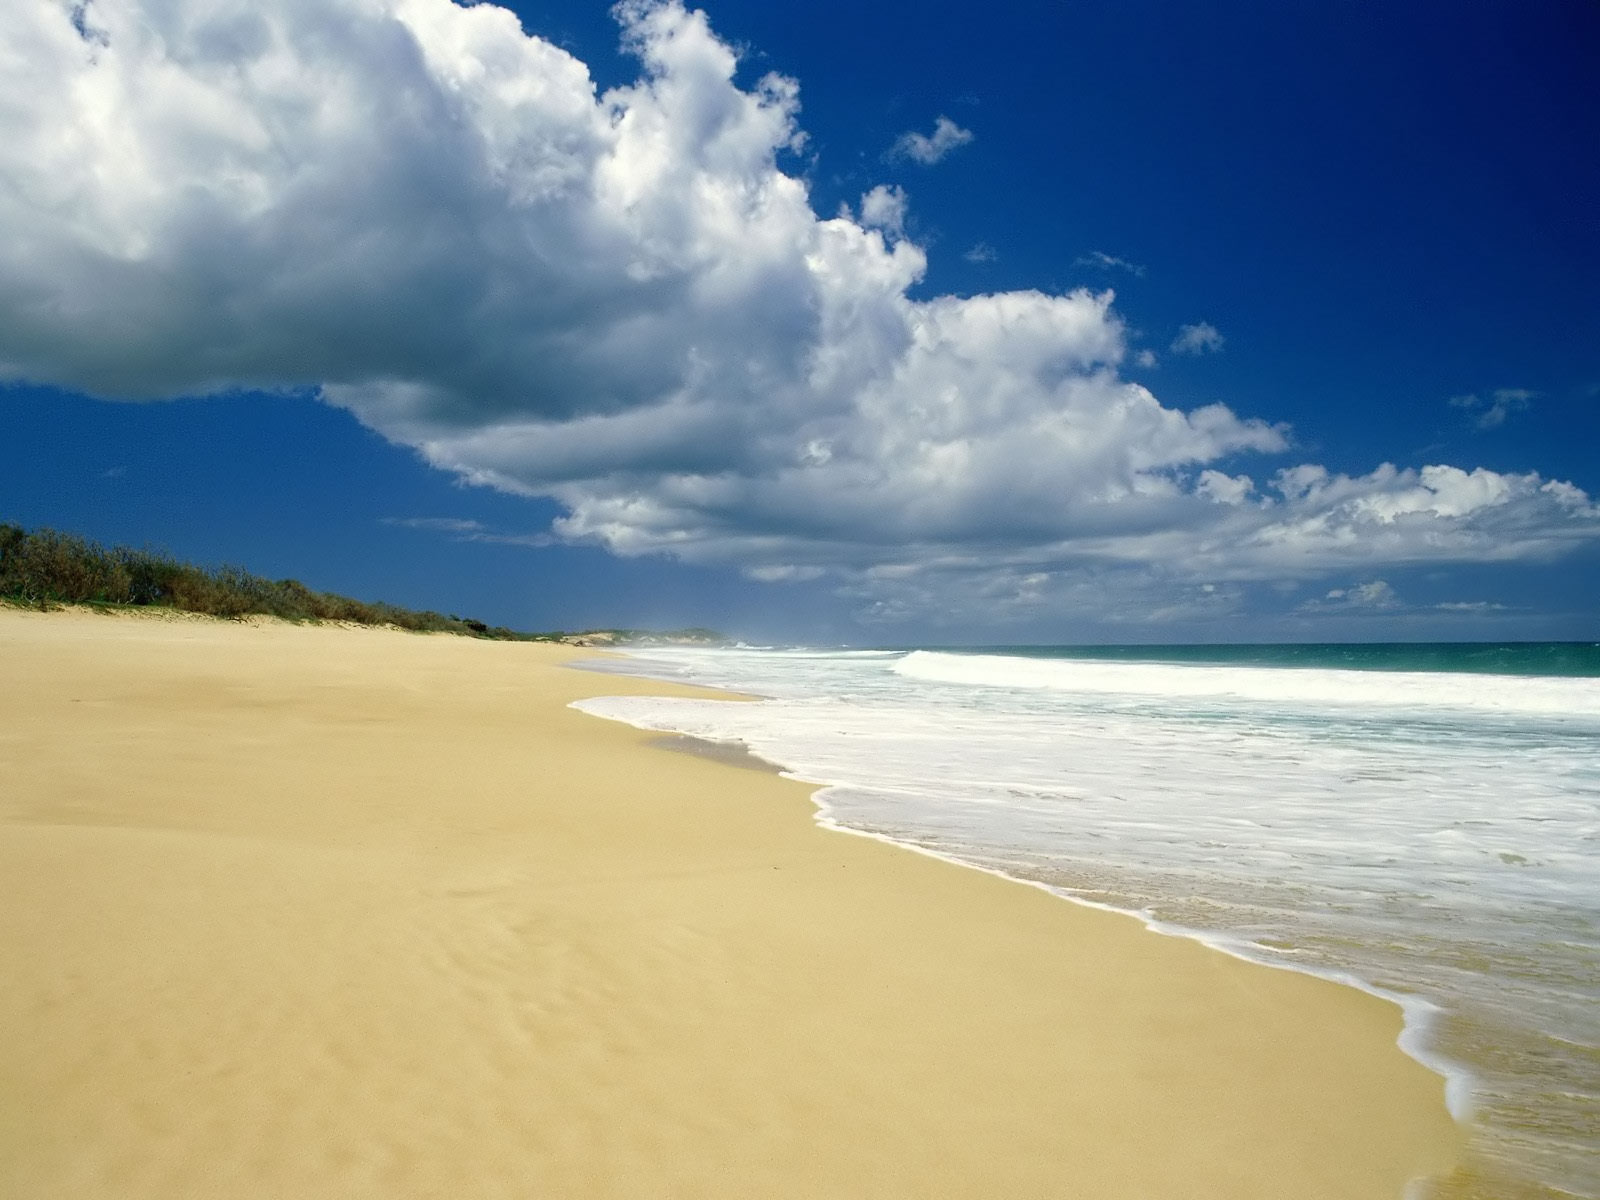 http://3.bp.blogspot.com/-giGcmjmLBC4/TYpHu9dHuqI/AAAAAAAAAHI/pvtM7K2JVpk/s1600/The-best-top-desktop-beach-wallpapers-hd-beach-wallpaper-19.jpg